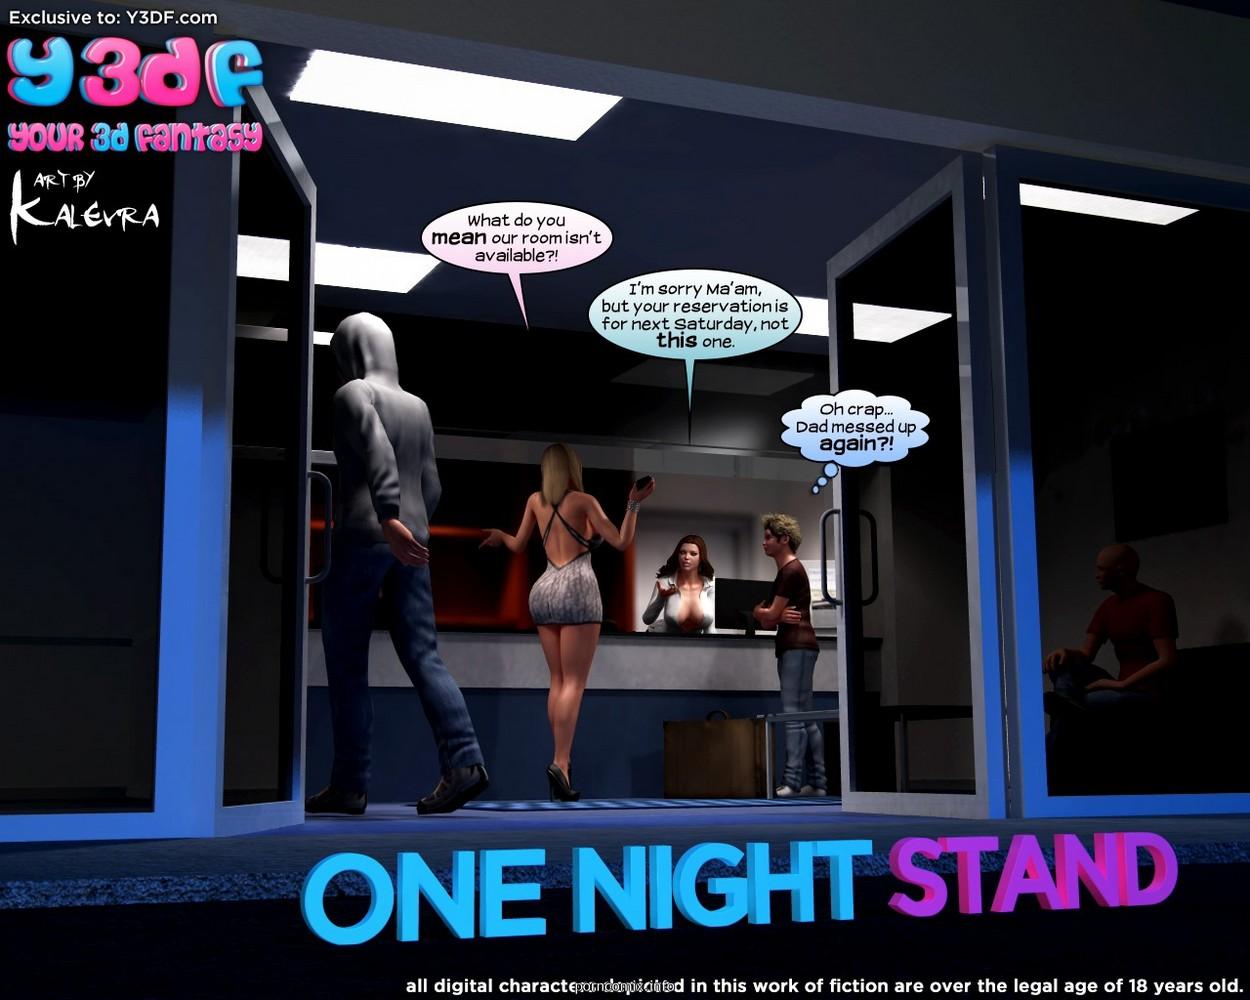 Baños Discoteca Porno porno 3d follando una universitaria comic porno 3d